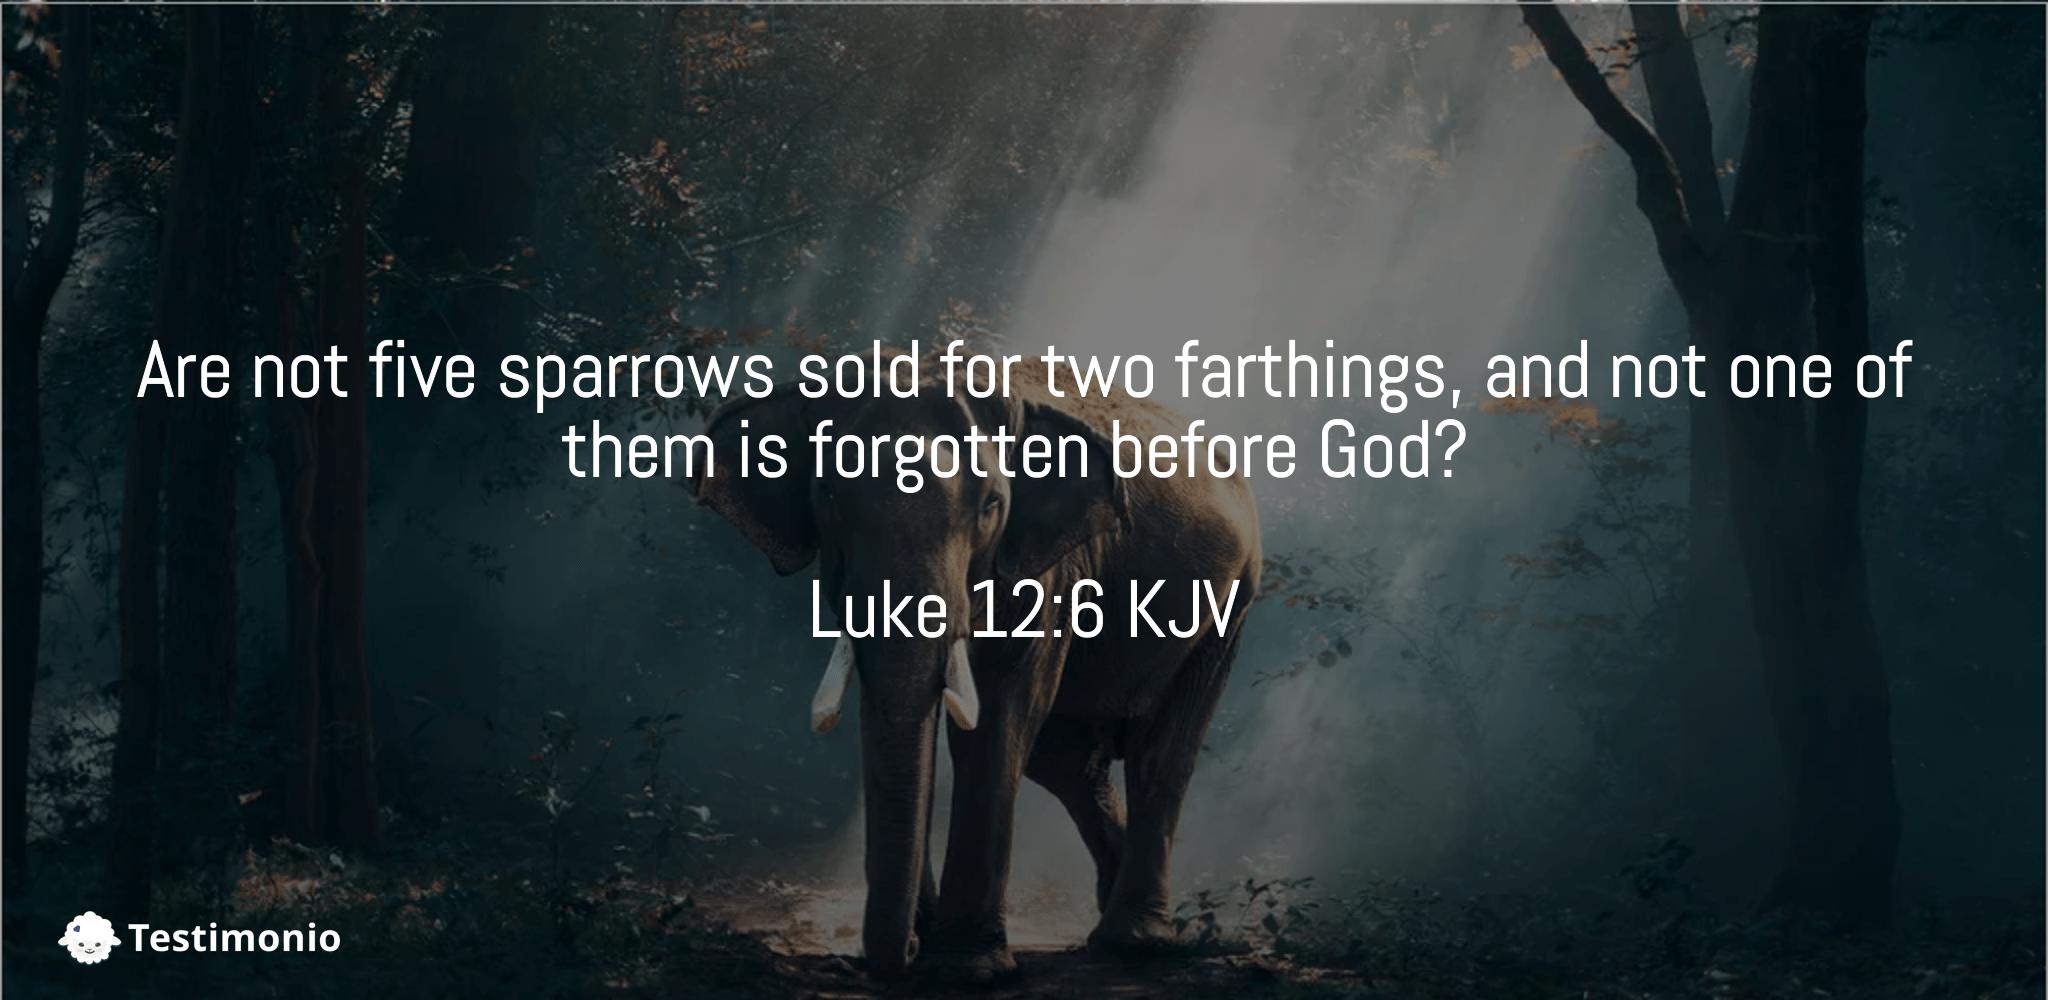 Luke 12:6